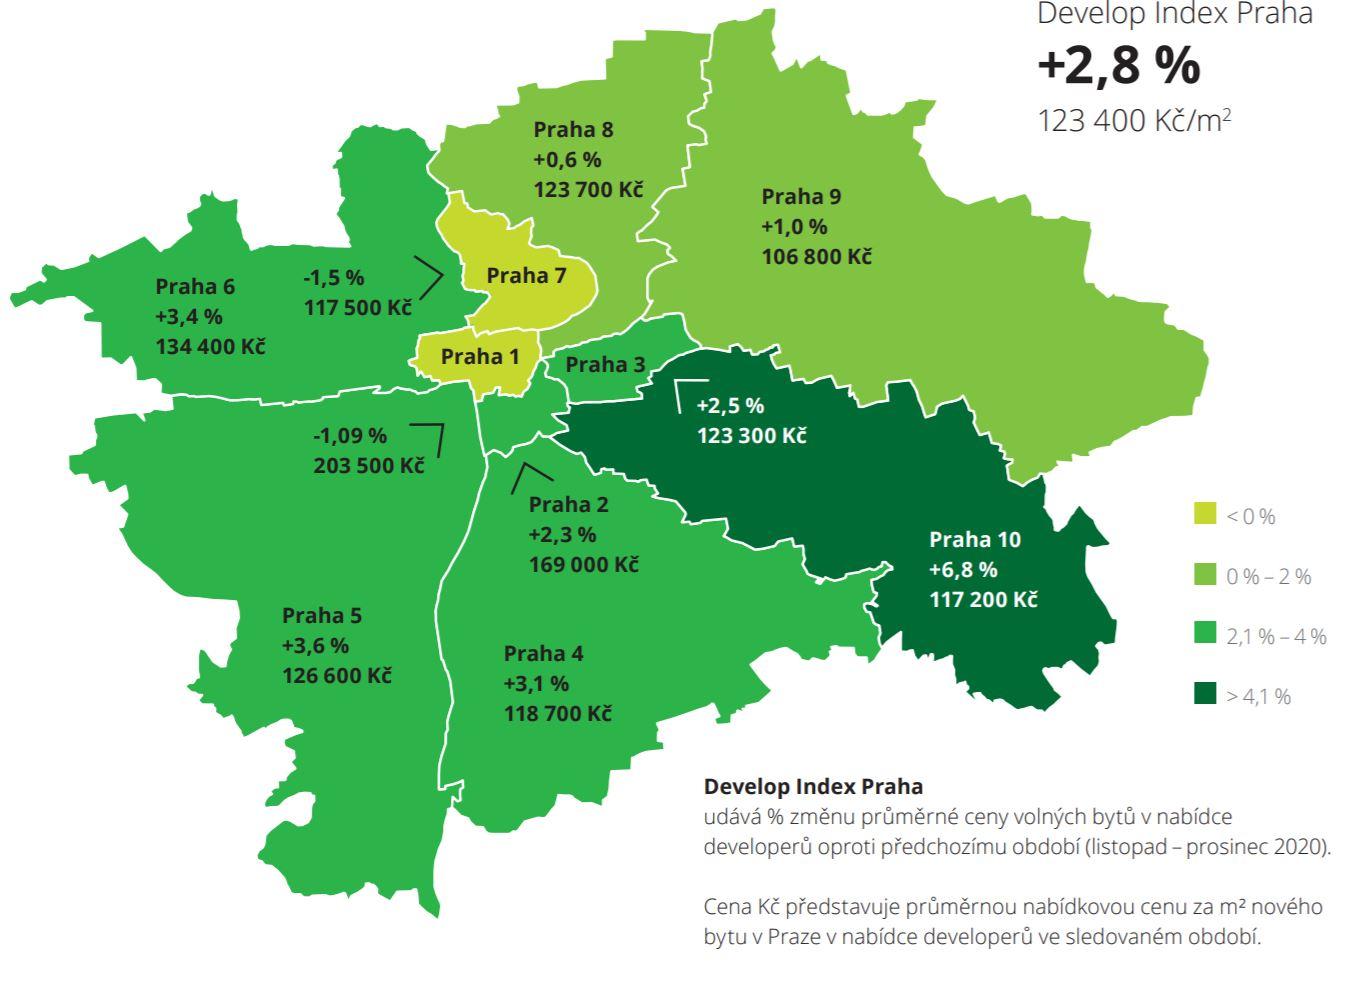 Zvyšování průměrné ceny pražských bytů pokračovalo i v prvních dvou měsících roku 2021. Částka za metr čtvereční stoupla o 2,8 % na 123 400 Kč, tempo růstu cen je tedy nejrychlejší v porovnání s jednotlivými sledovanými obdobími roku 2020. Nejvíce rostly ceny na Praze 10 (o 6,8 % na 117 200 Kč/m2), naopak největší pokles byl zaznamenán na Praze 7 (o 1,5 % na 117 500 Kč/m2). Nejdražší městskou částí zůstává Praha 1 (203 500 Kč/m2), proti tomu nejlevnější byty lze i nadále pořídit na Praze 9 (106 600 Kč/m2).